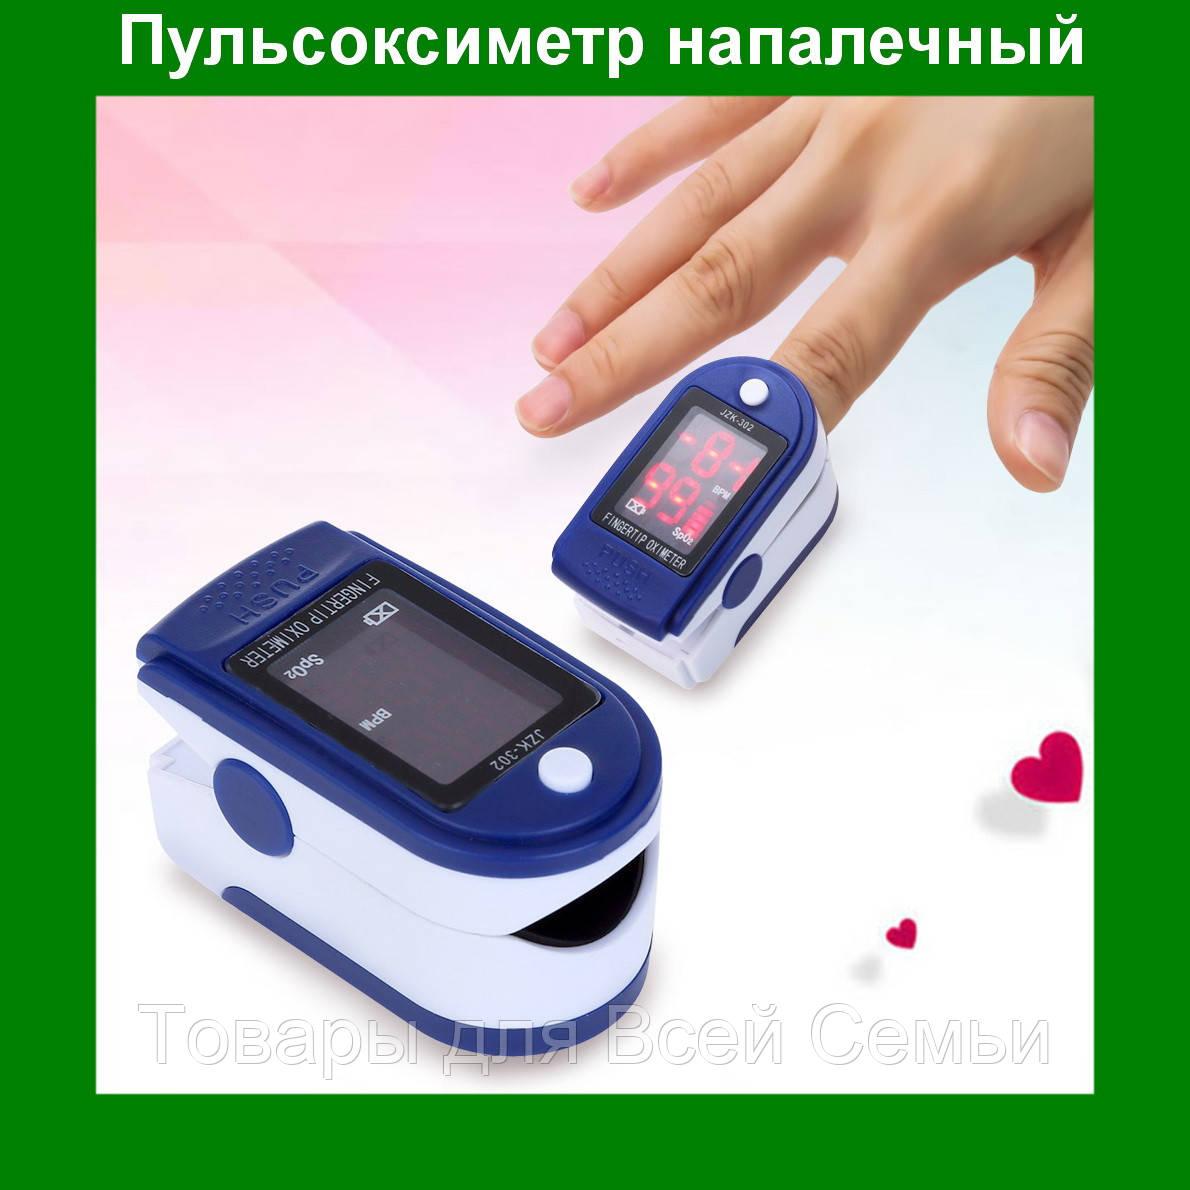 """Пульсоксиметр напалечный Pulse Oximeter JZK-302, прибор для измерения уровня кислорода в крови!Акция - Магазин """"Товары для Всей Семьи"""" в Одессе"""